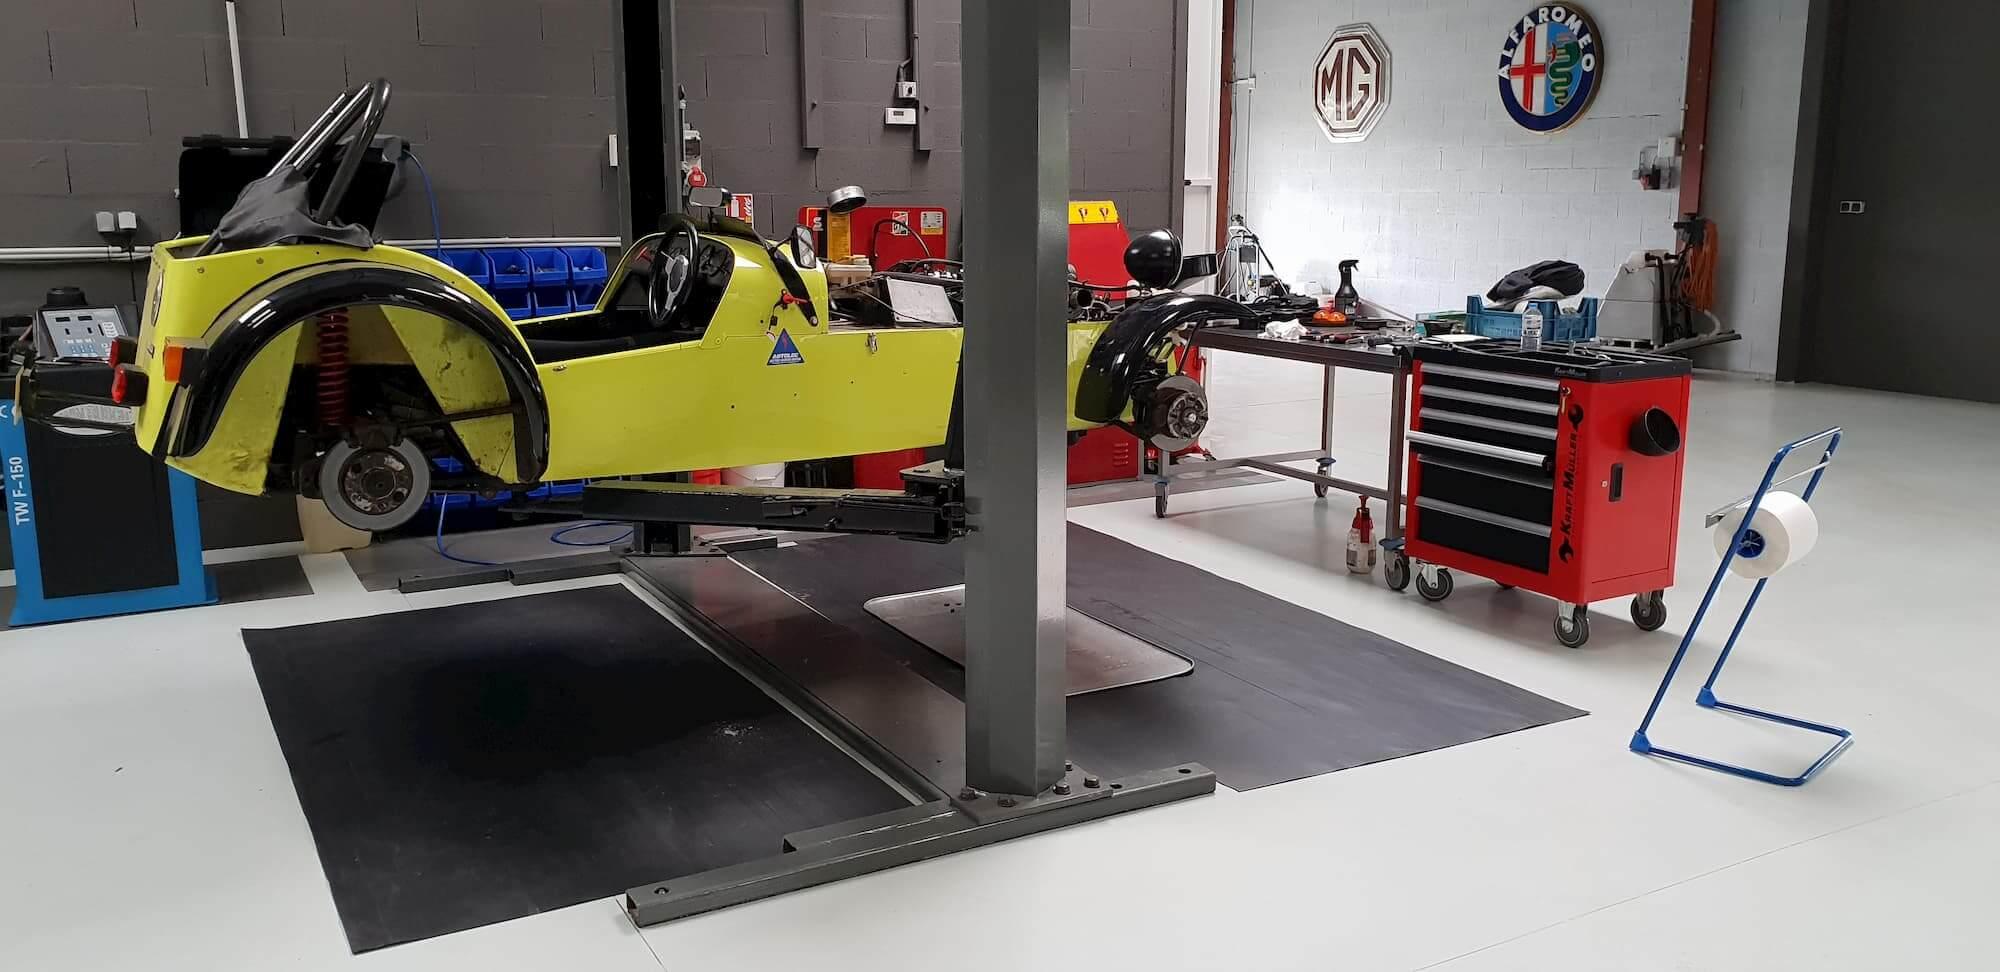 Lotus seven dans l'atelier mécanique - en préparation pour la course automobile